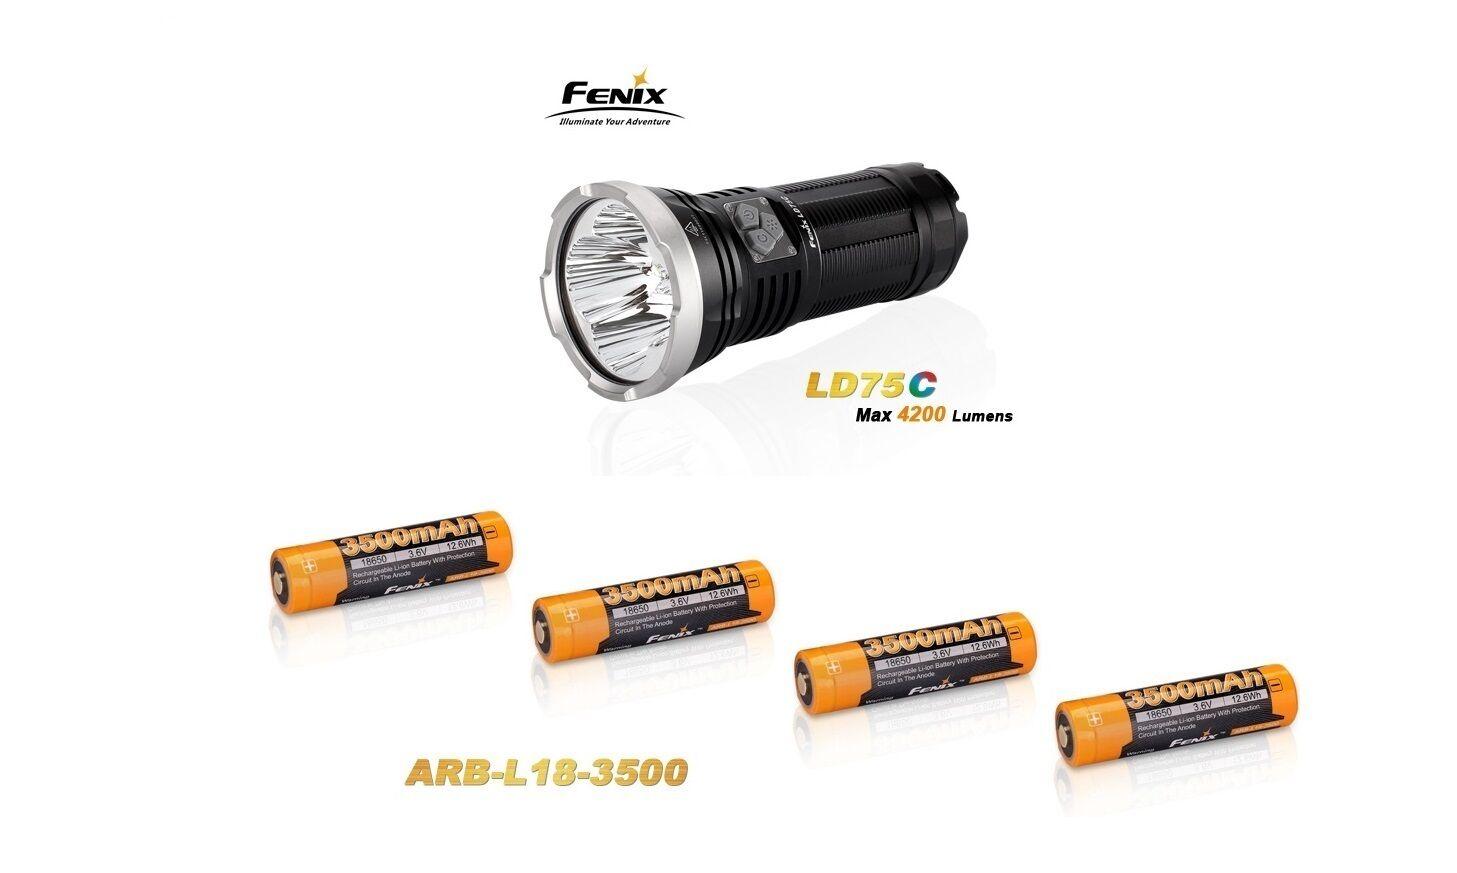 Fenix LD75 C + 4 Fenix ARB-L18 3500mAh Akku´s Neu OVP